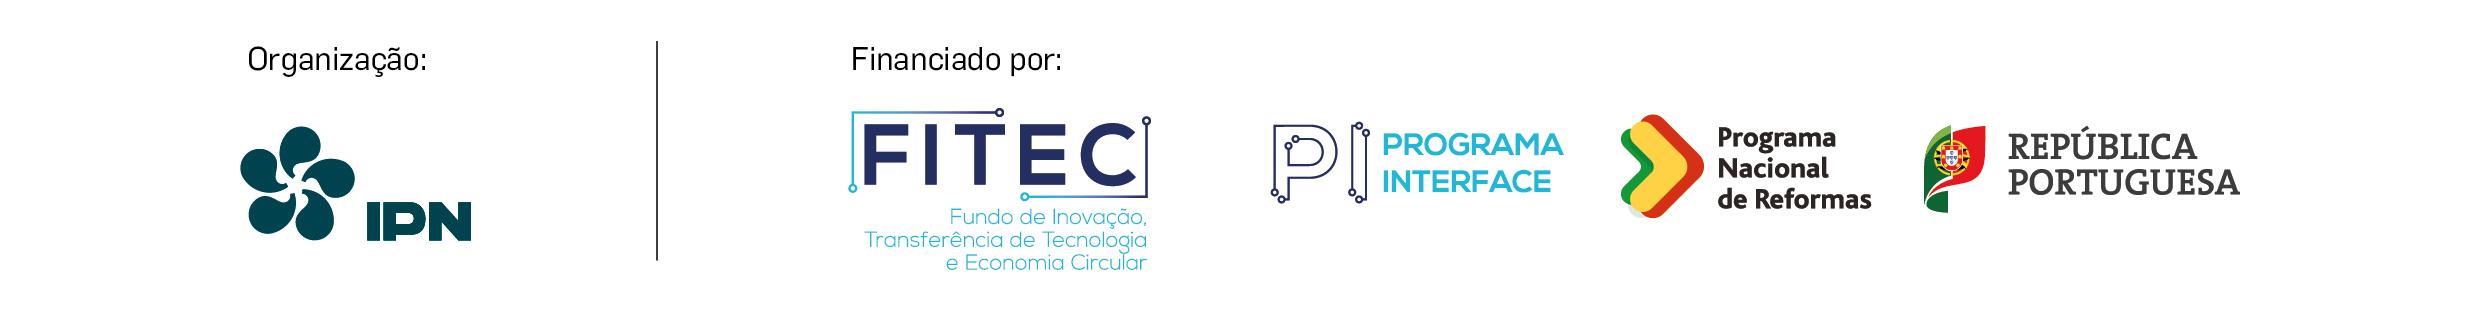 17 Junho 2019 - Instituto Pedro Nunes, Auditório Edifício D